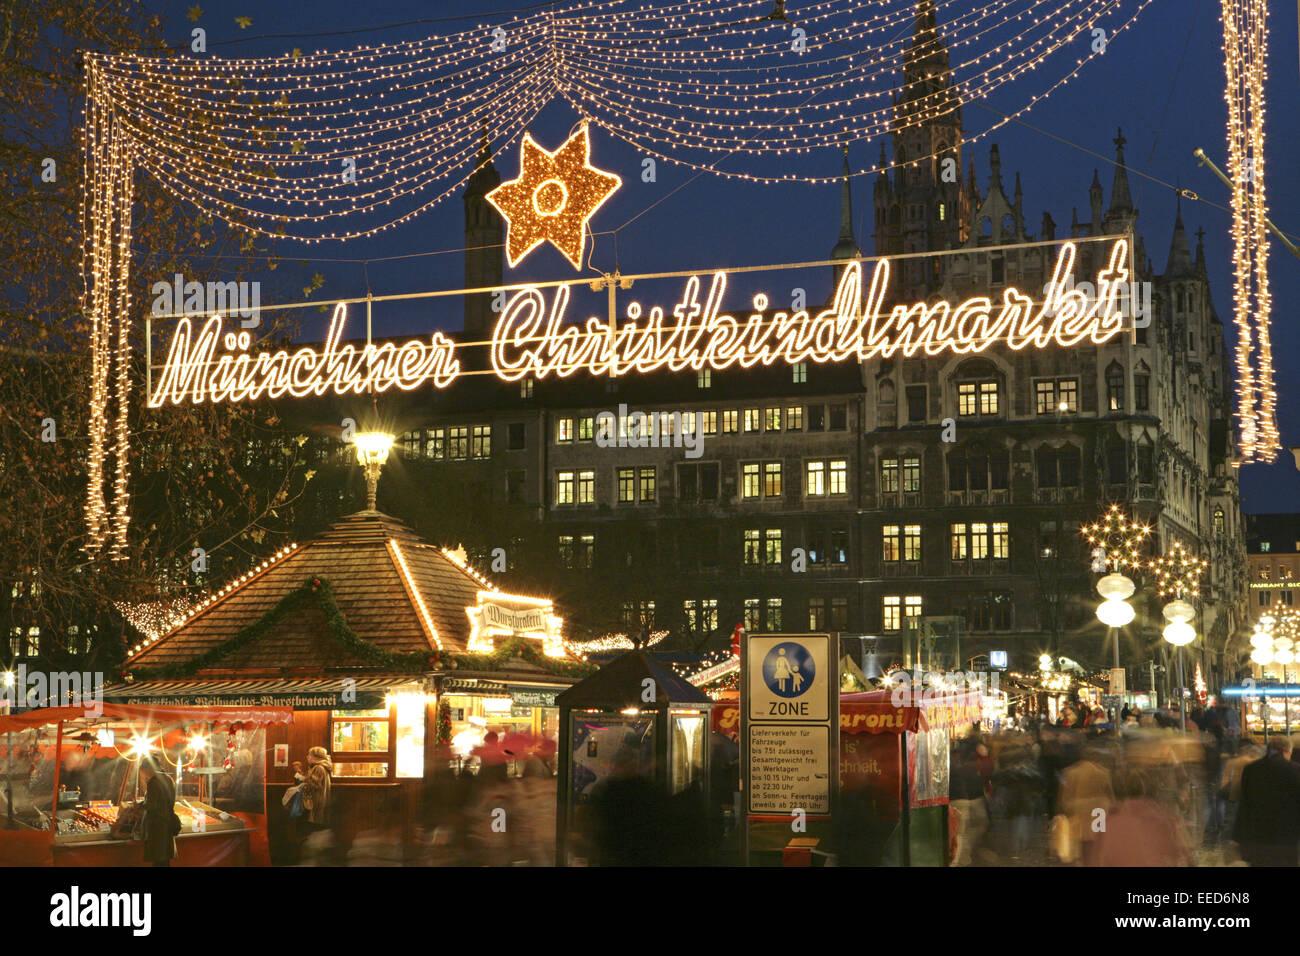 München Weihnachtsmarkt.Deutschland Bayern Muenchen München Rathaus Weihnachtsmarkt